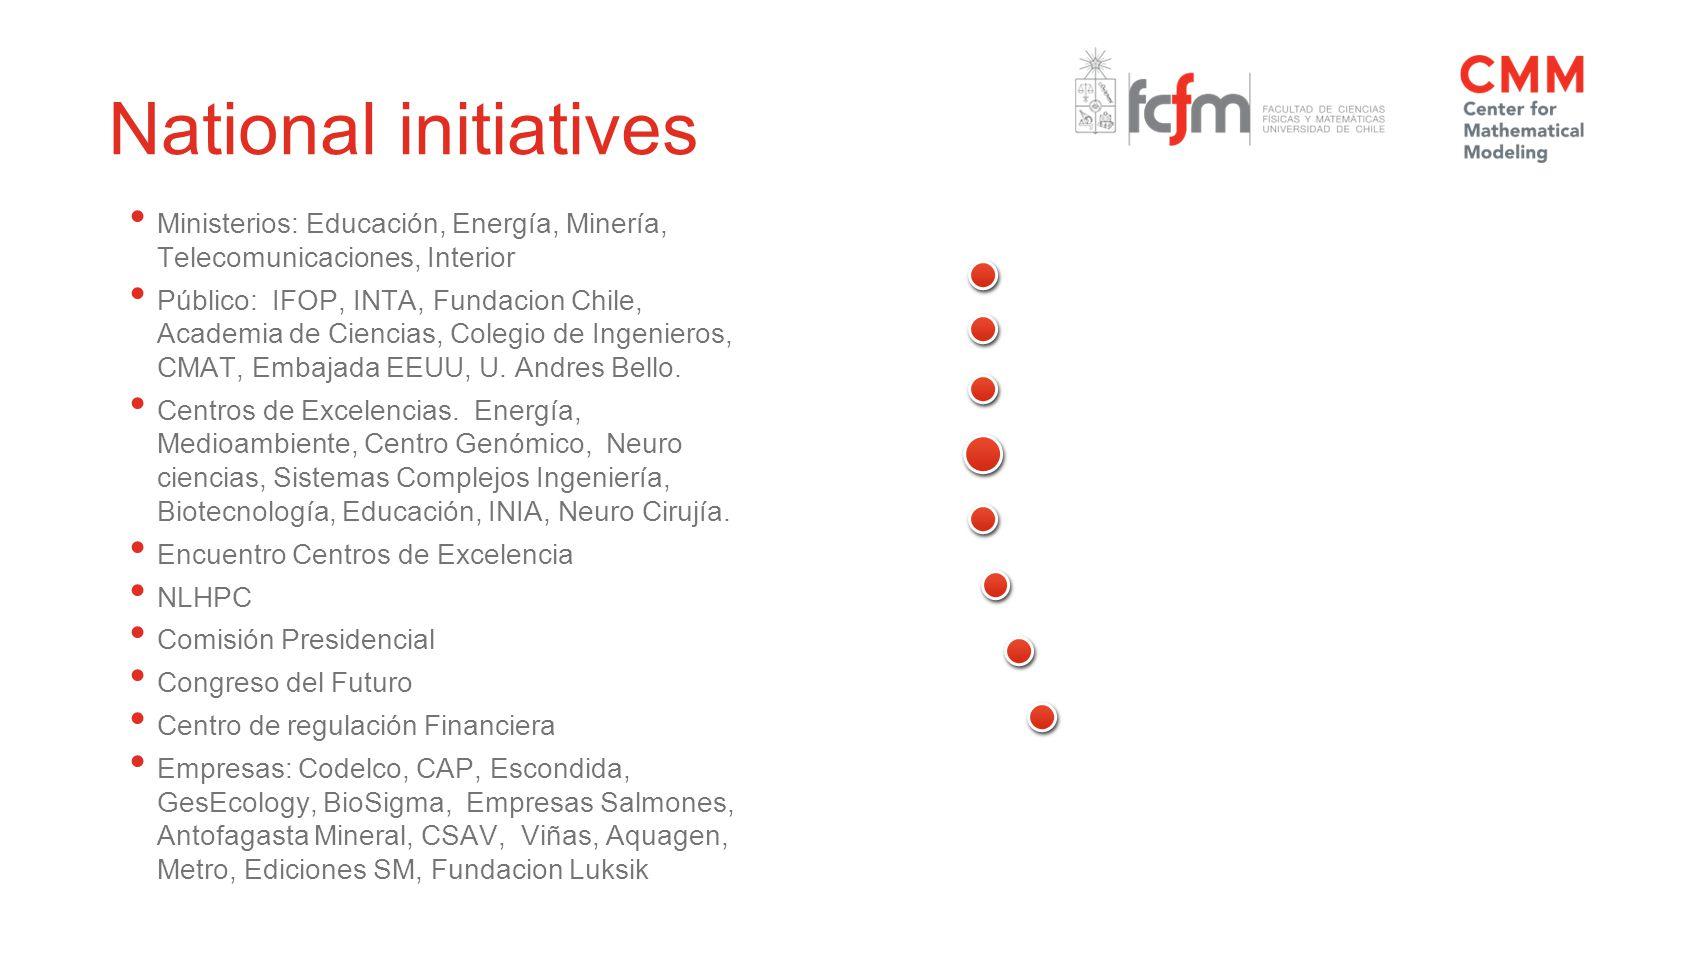 National initiatives Ministerios: Educación, Energía, Minería, Telecomunicaciones, Interior Público: IFOP, INTA, Fundacion Chile, Academia de Ciencias, Colegio de Ingenieros, CMAT, Embajada EEUU, U.